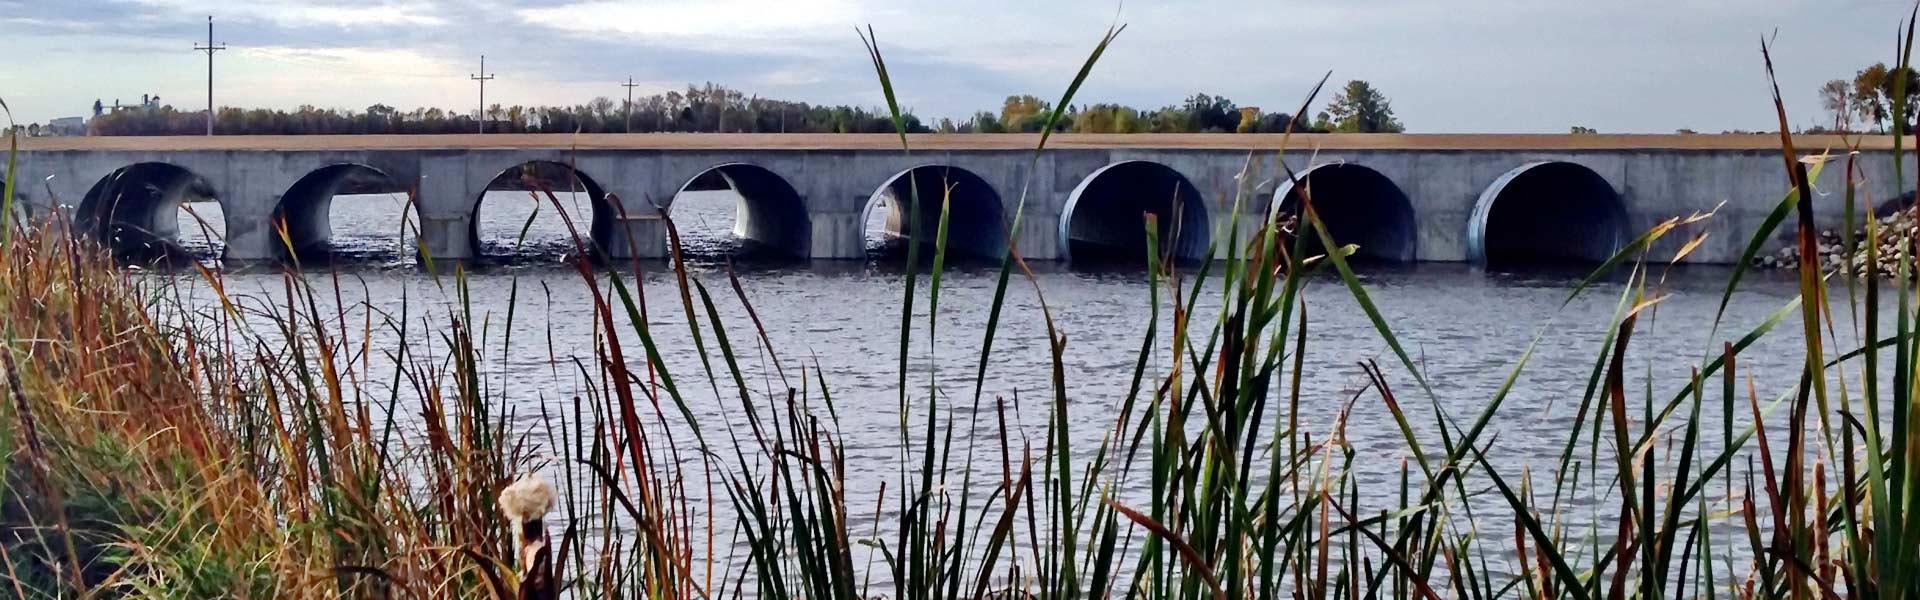 Buffalo Creek Culvert Replacement